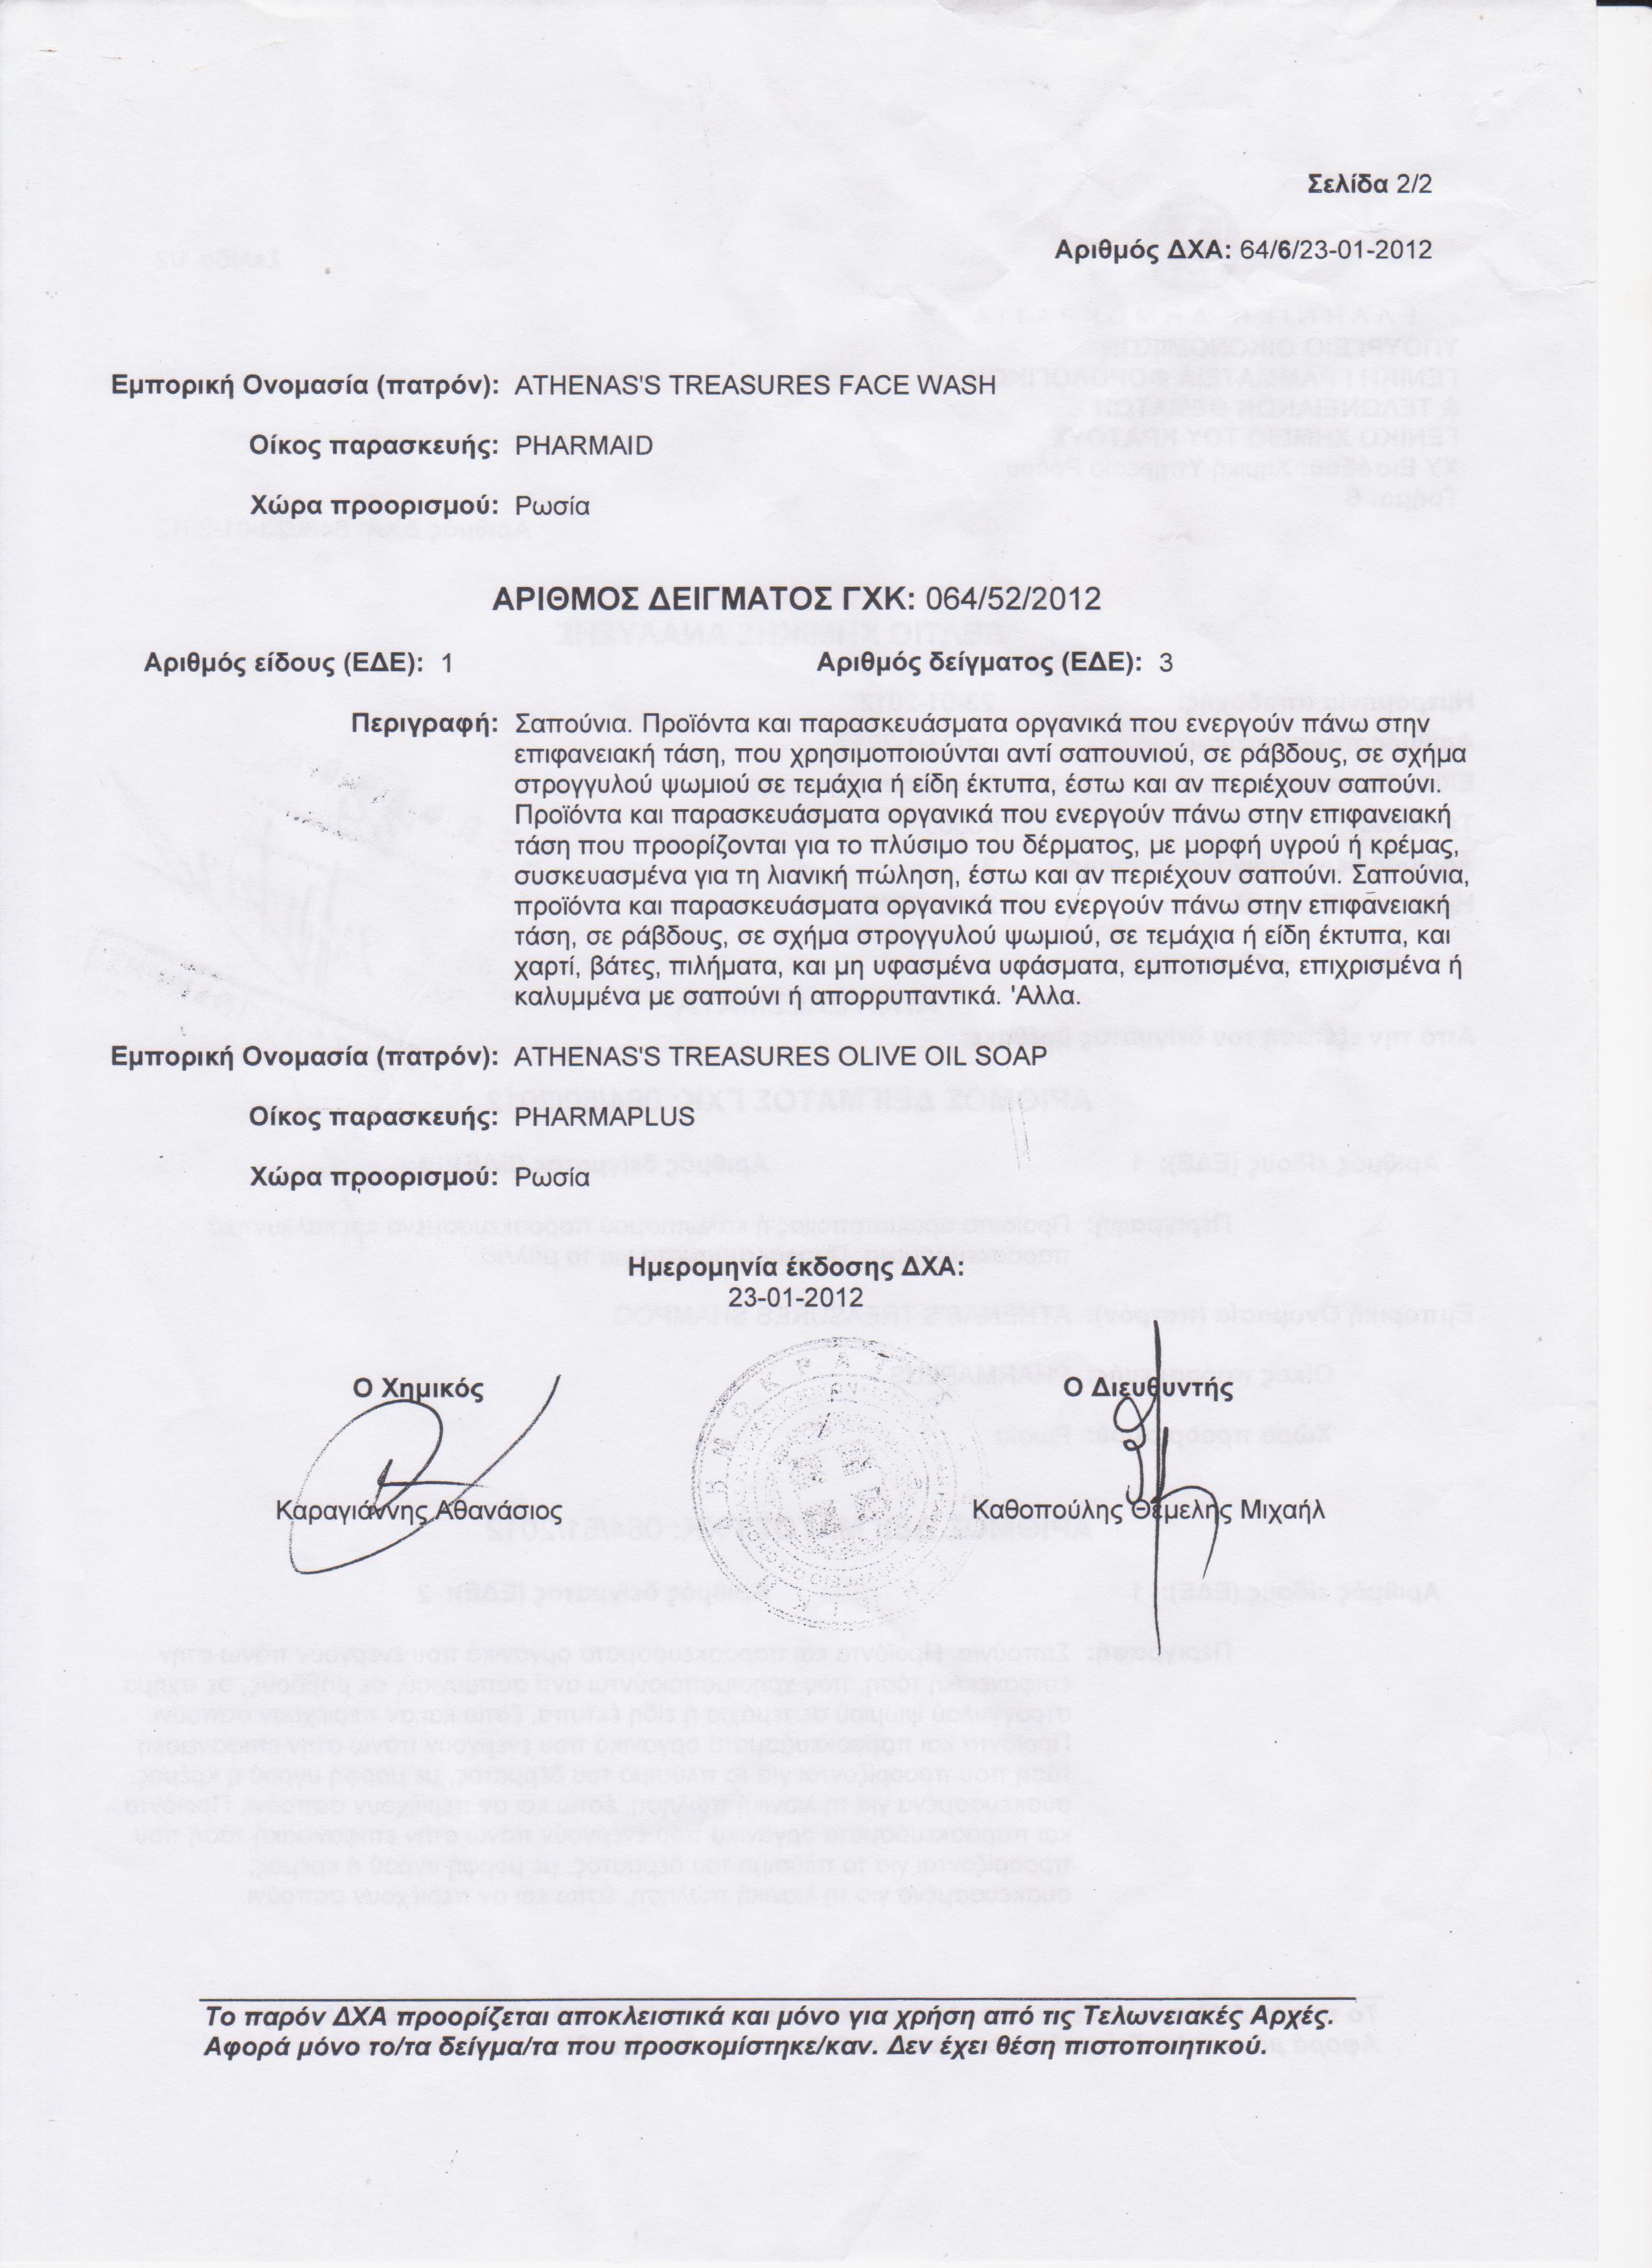 DELTIO_XIMIKIS_ANALYSIS_PAGE-2.jpg